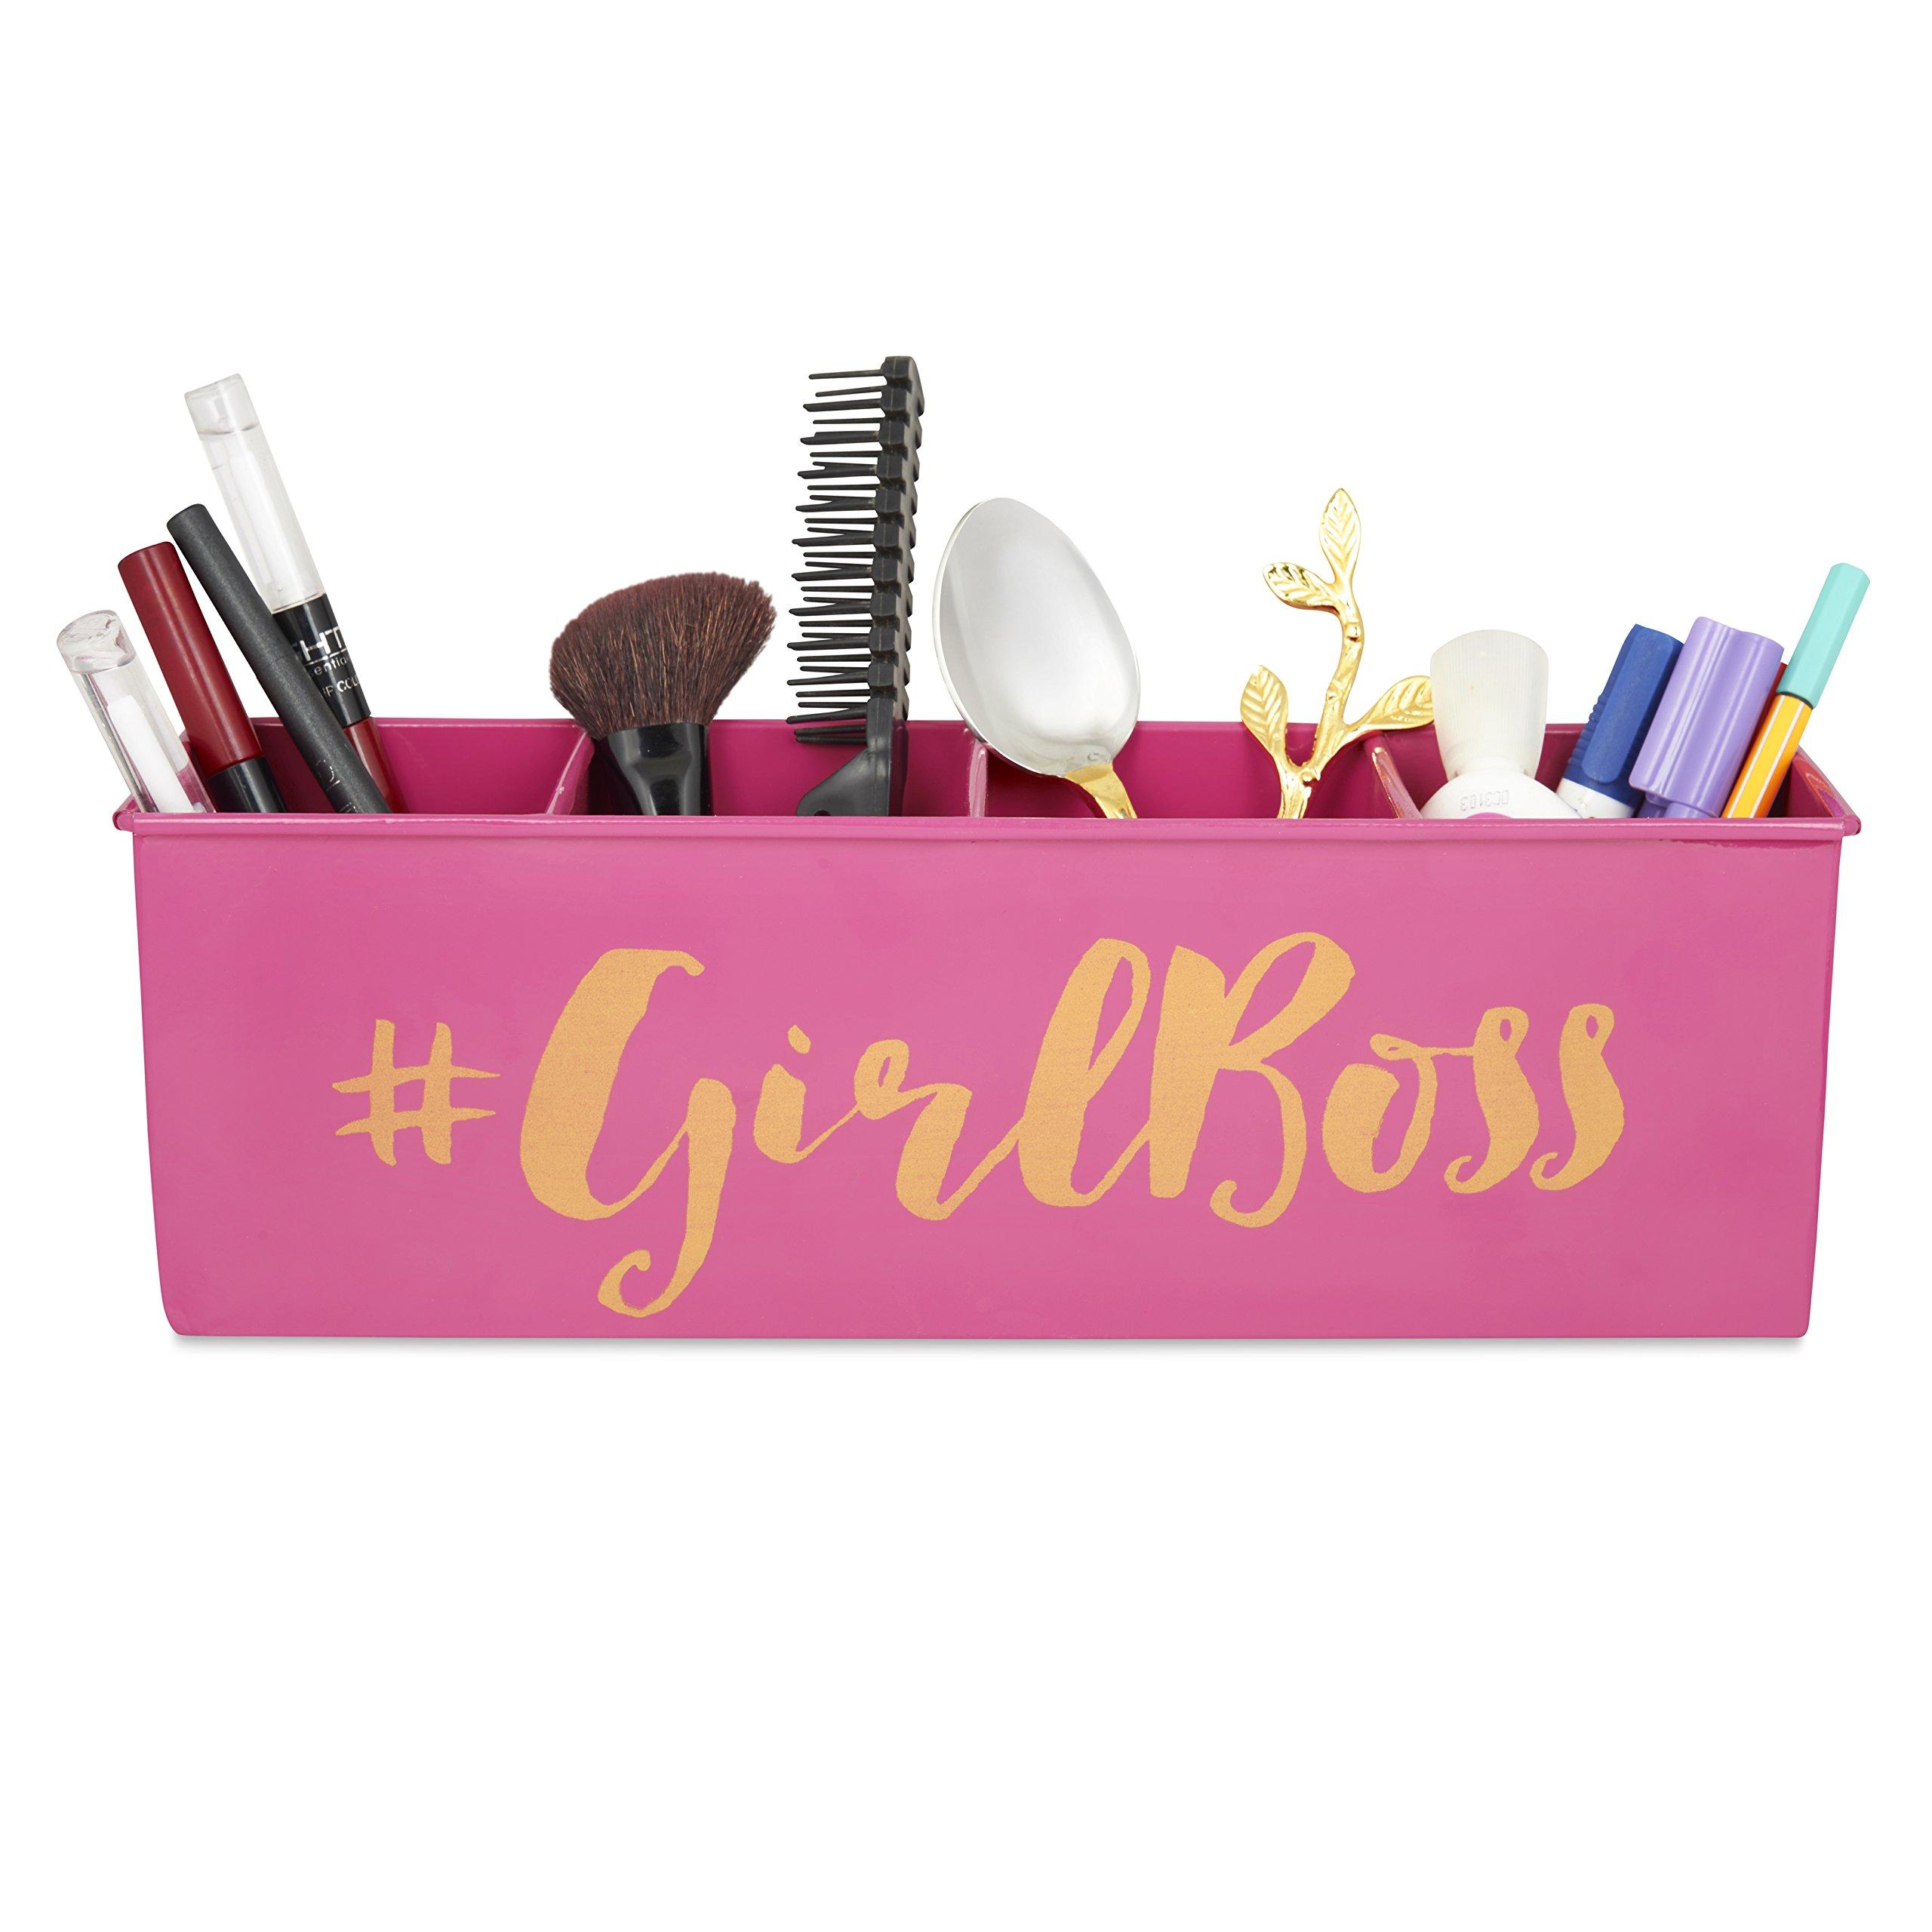 ELAN ELAN Multipurpose Desk Organizer with 4 compartments. - Girl Boss Pink